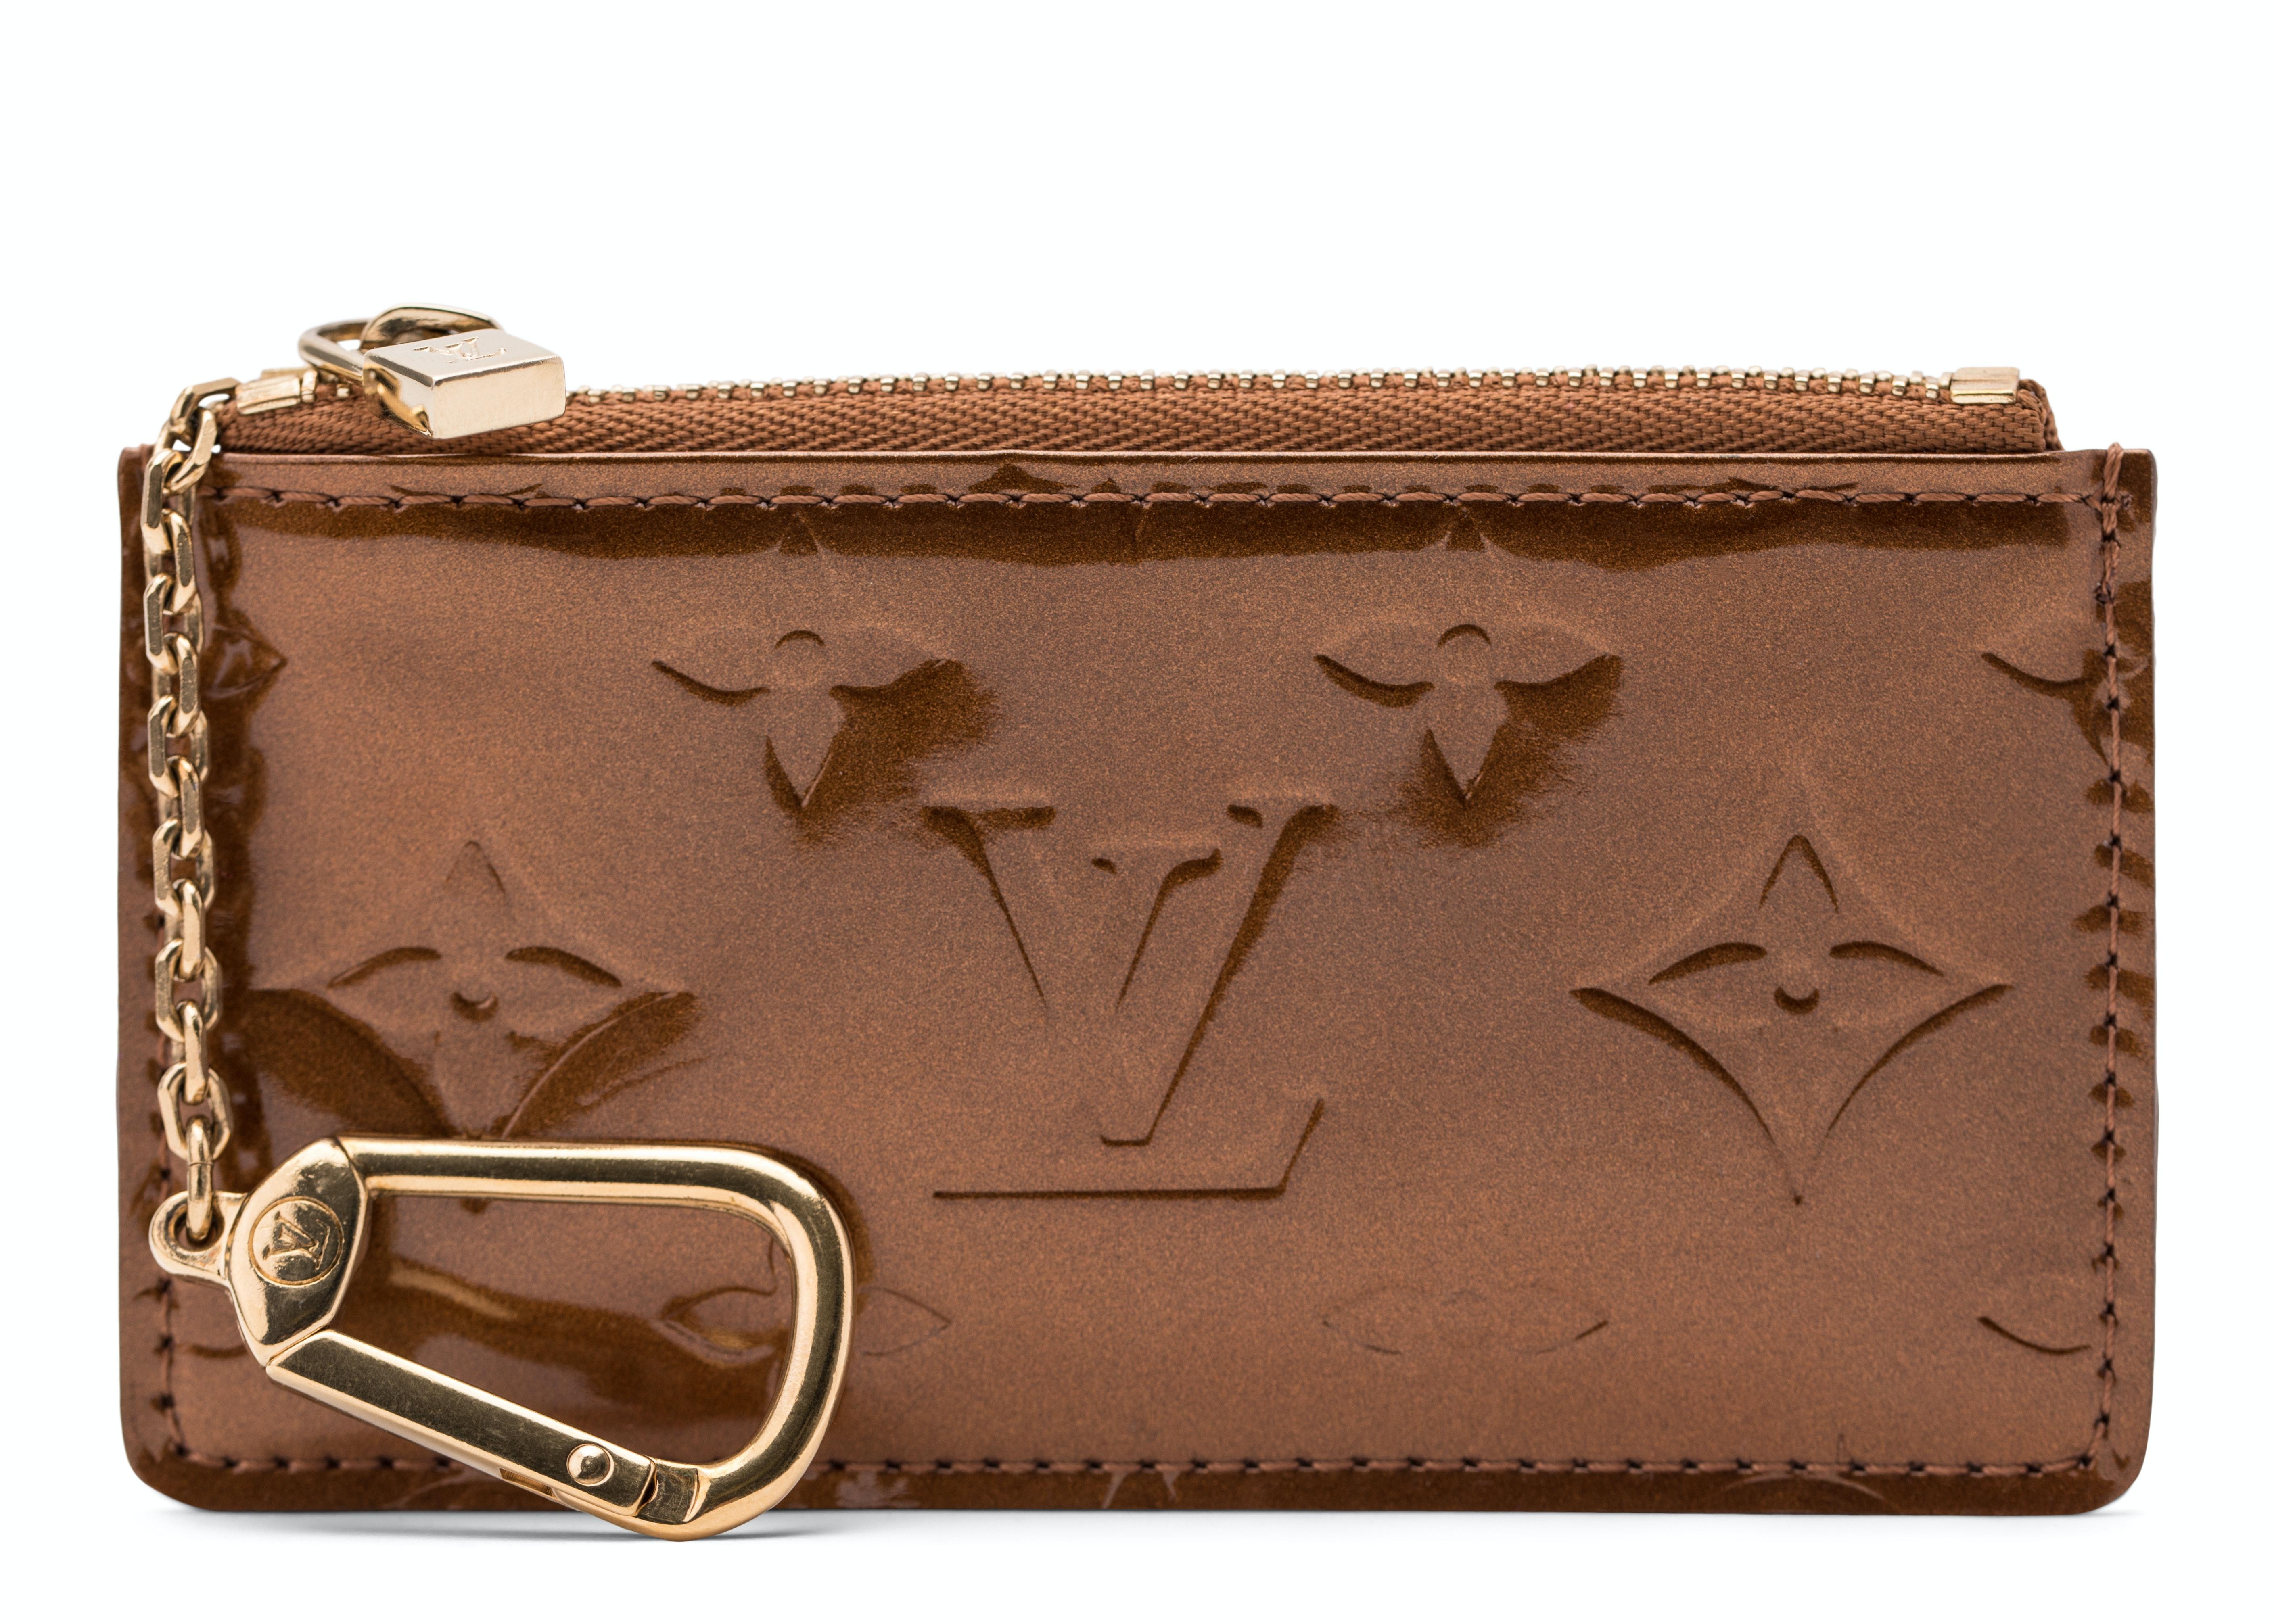 Louis Vuitton Key Pouch Monogram Vernis Bronze